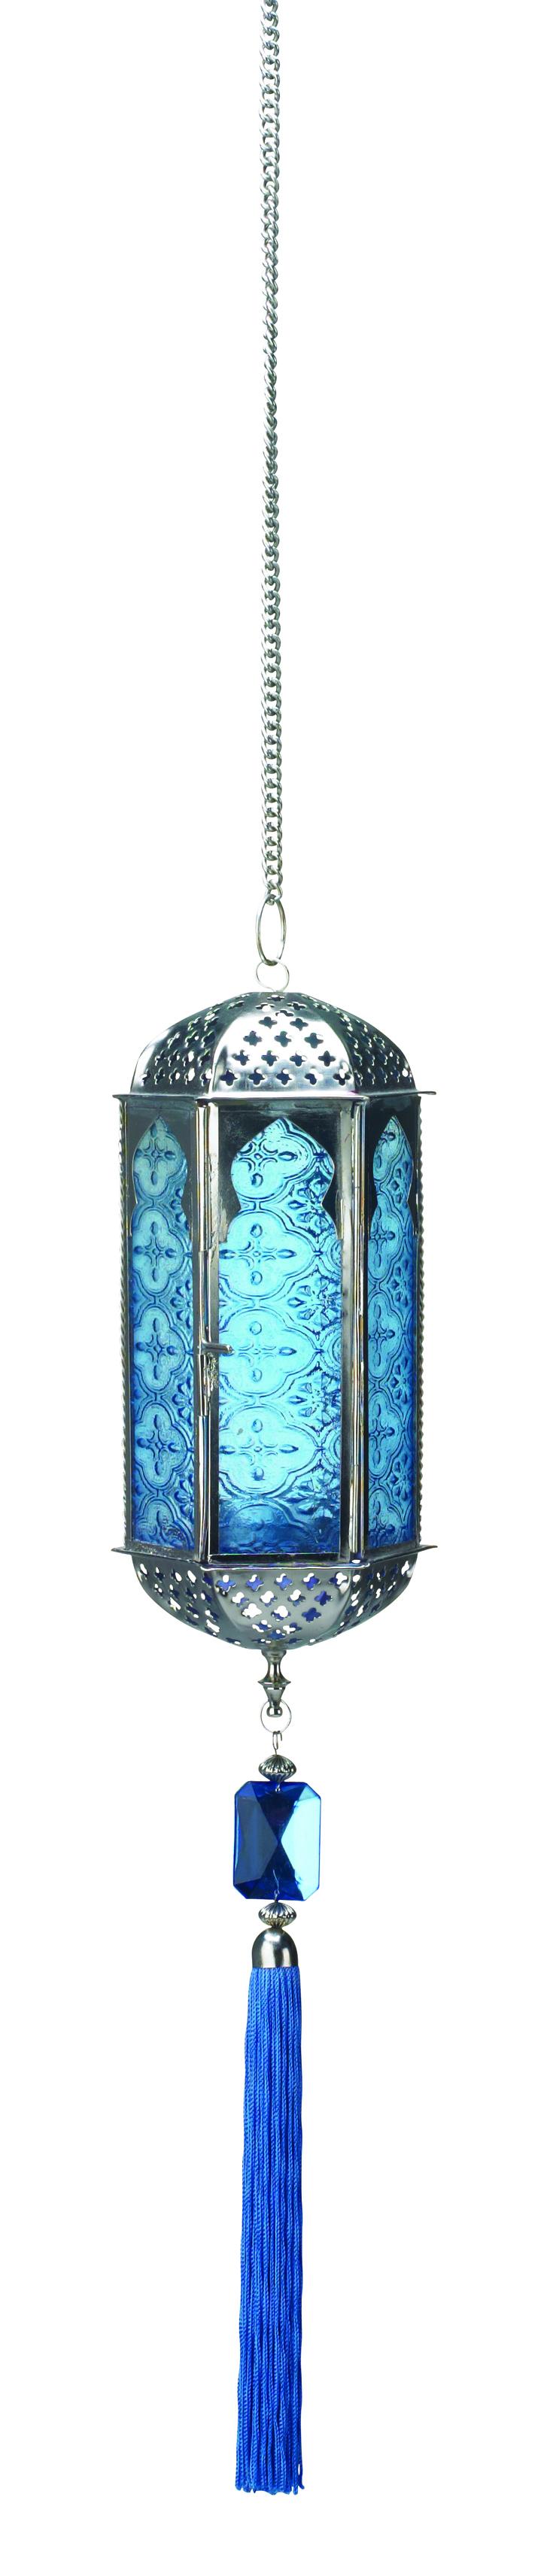 Lantern_Jewel_BlueCMYK_HIRES